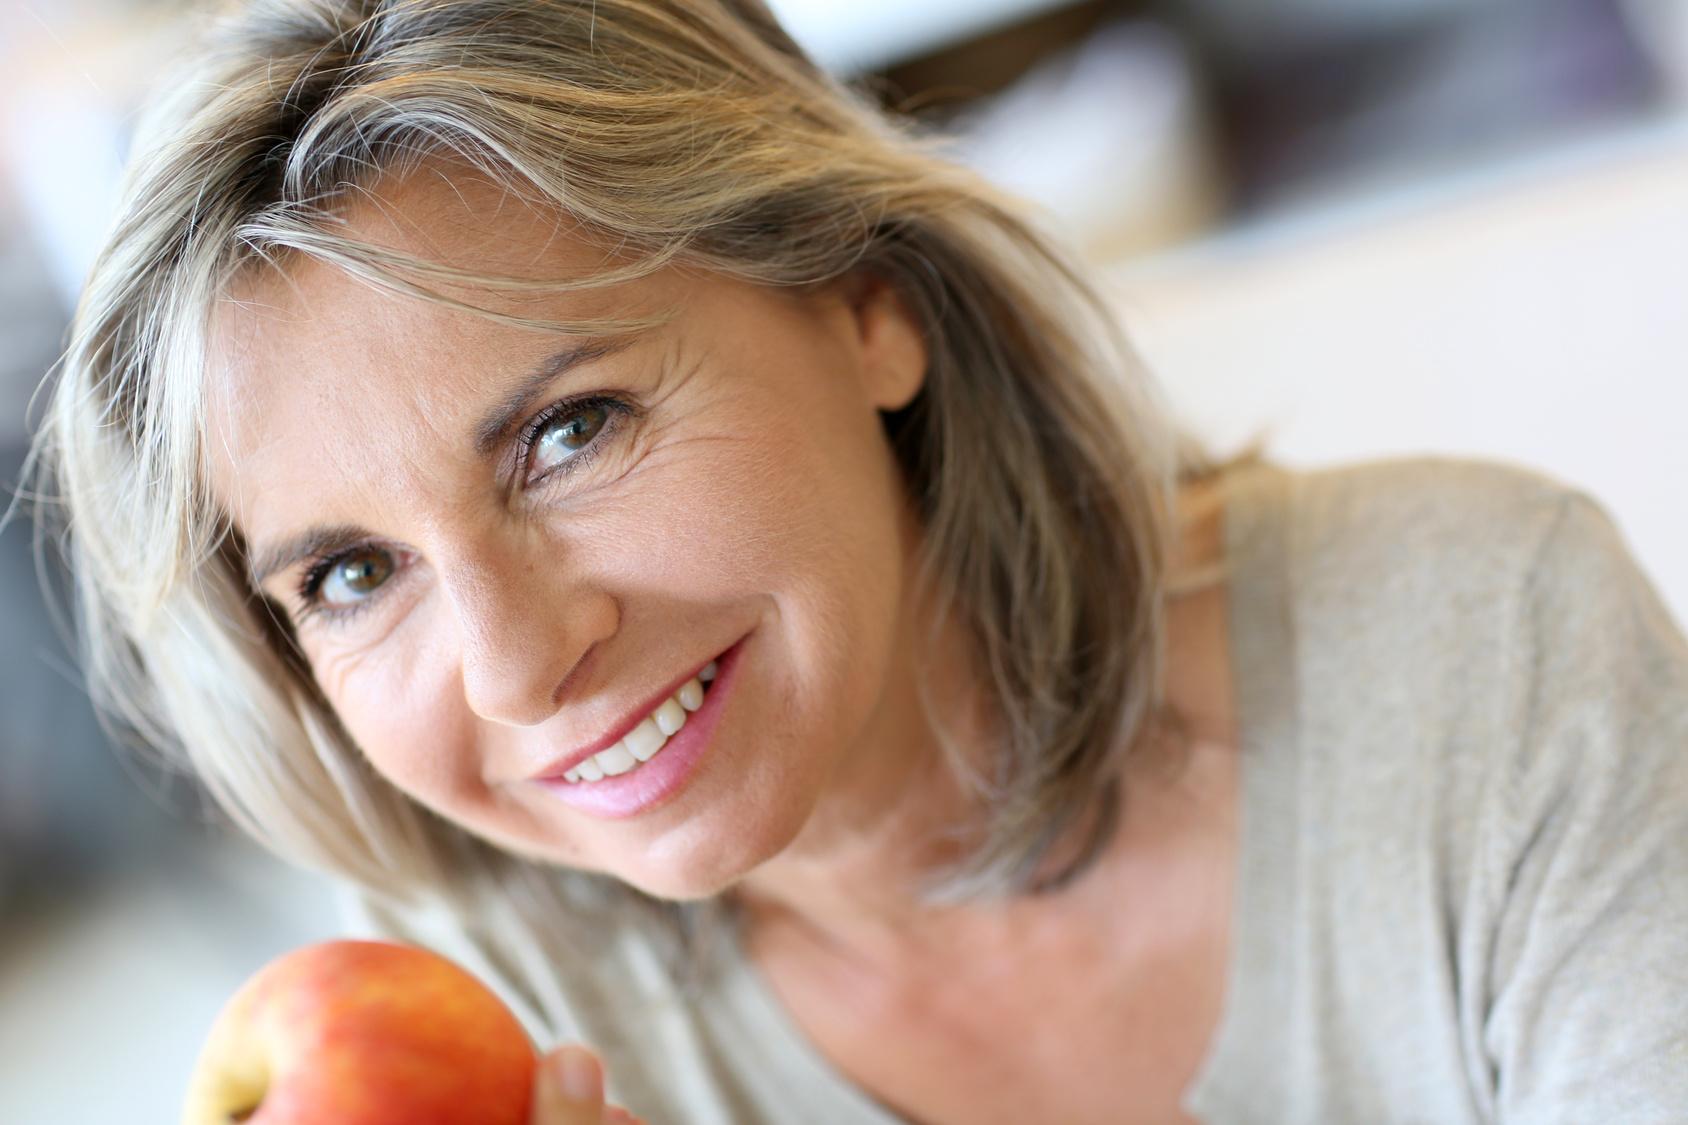 Medicina estetica e oncologia: vivere meglio durante e dopo la malattia